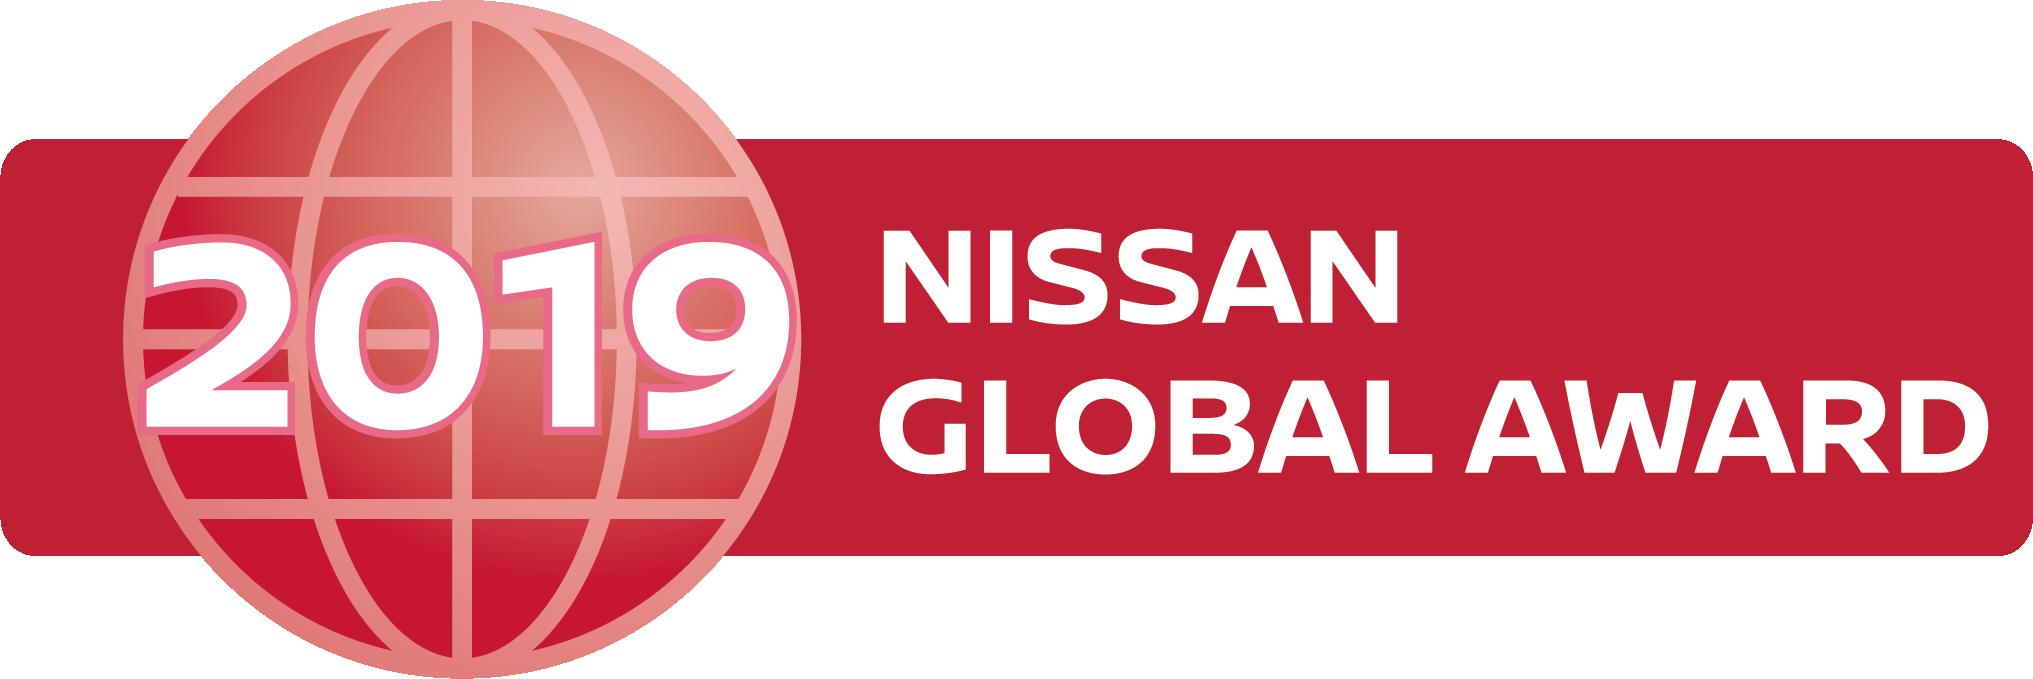 Dealer Locator Find A Nissan Dealer Nissan Usa Nissan Dealership Nissan Motors